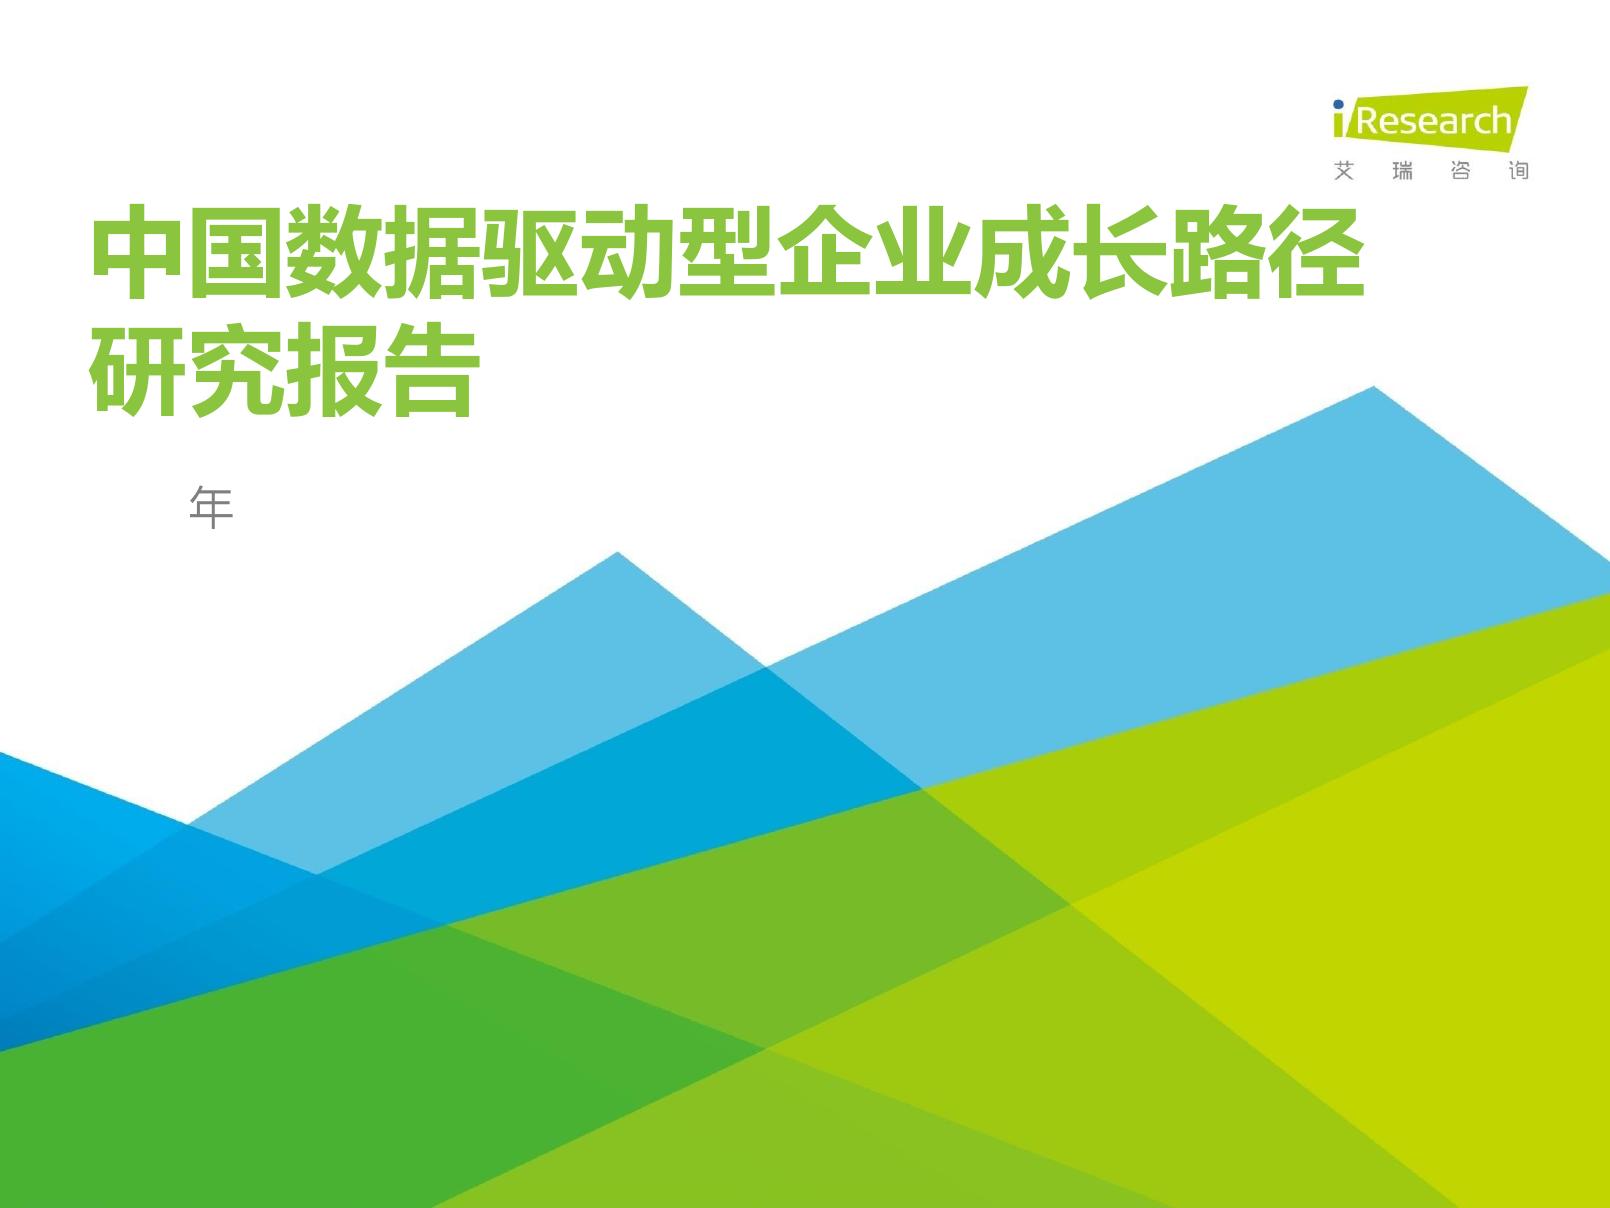 艾瑞咨询:2020年中国数据驱动型企业成长路径研究报告(附下载)